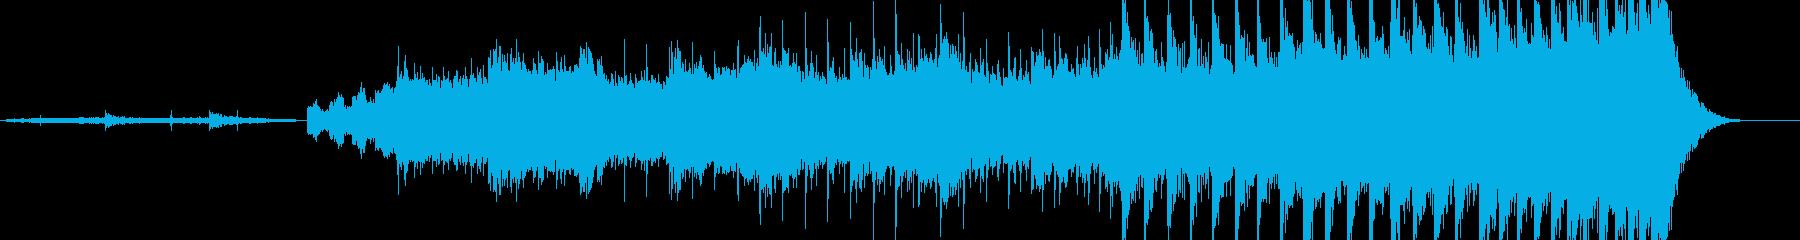 警報が鳴ってパニックになる時の音楽の再生済みの波形